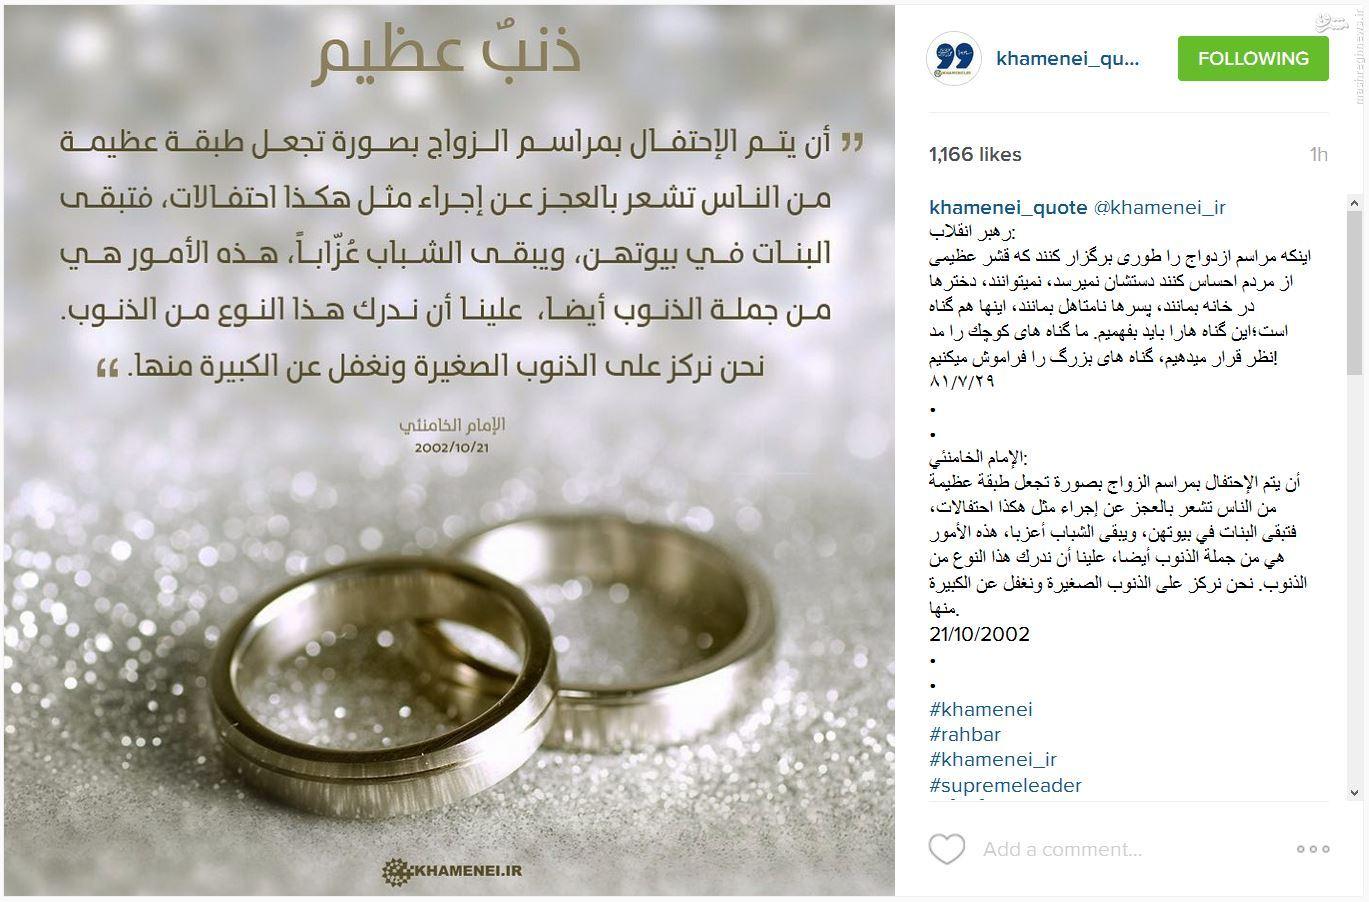 گناه عظیم در برگزاری مراسم ازدواج